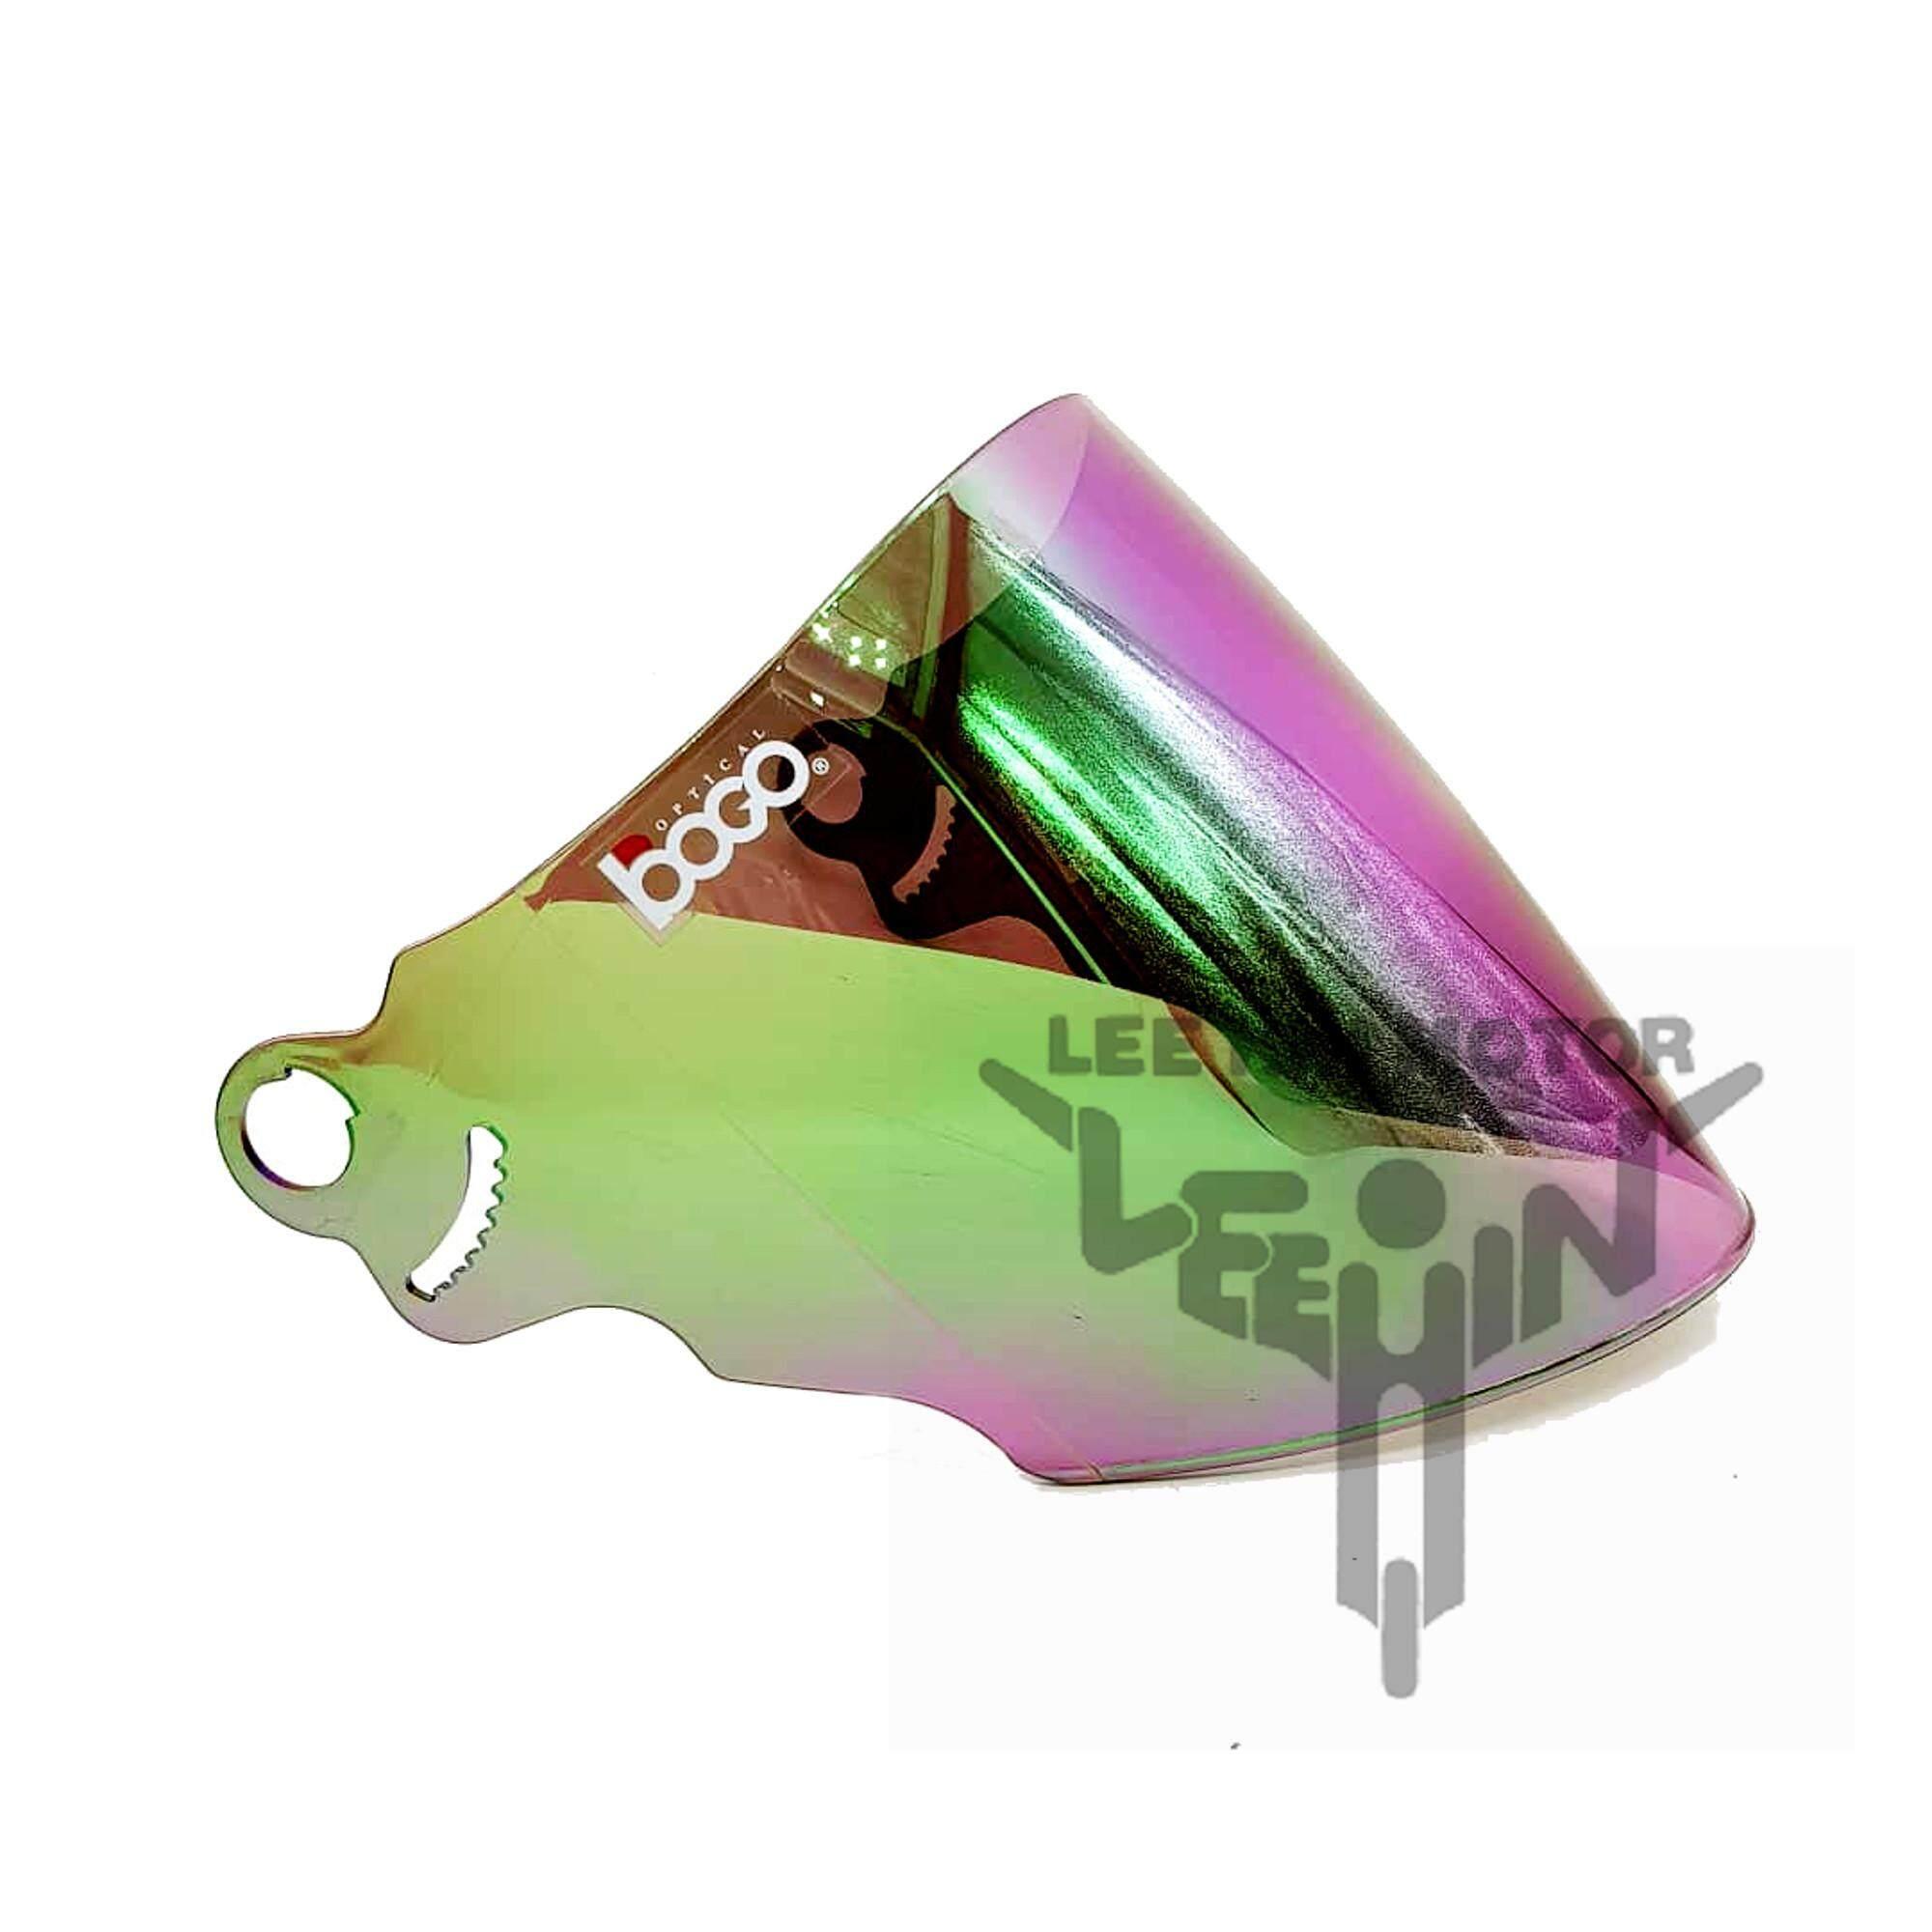 Bogo ARC Ritz AR1 AR2 AR3 AR4 AR5 Visor ( Rainbow )